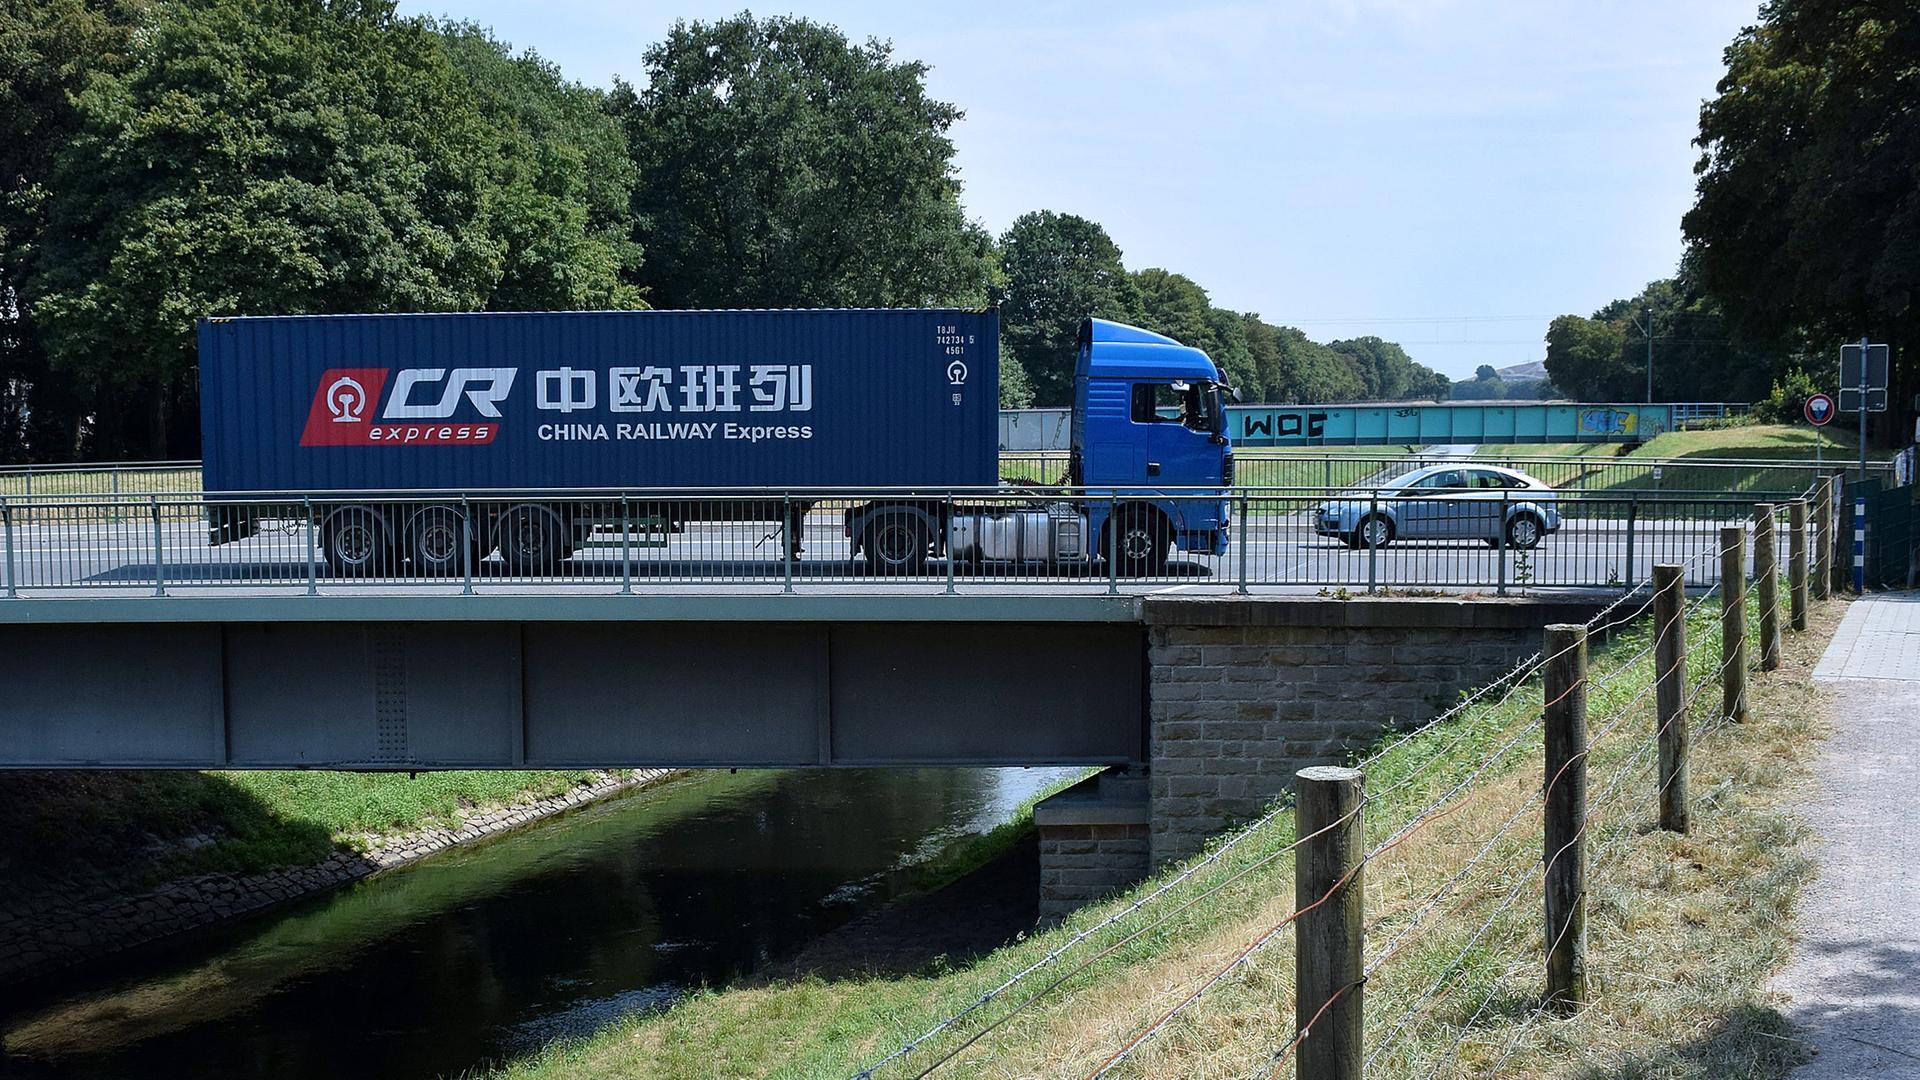 Archiv: Container von China Railway Express unterwegs mit einem LKW am 04.07.2018 in Dinslaken